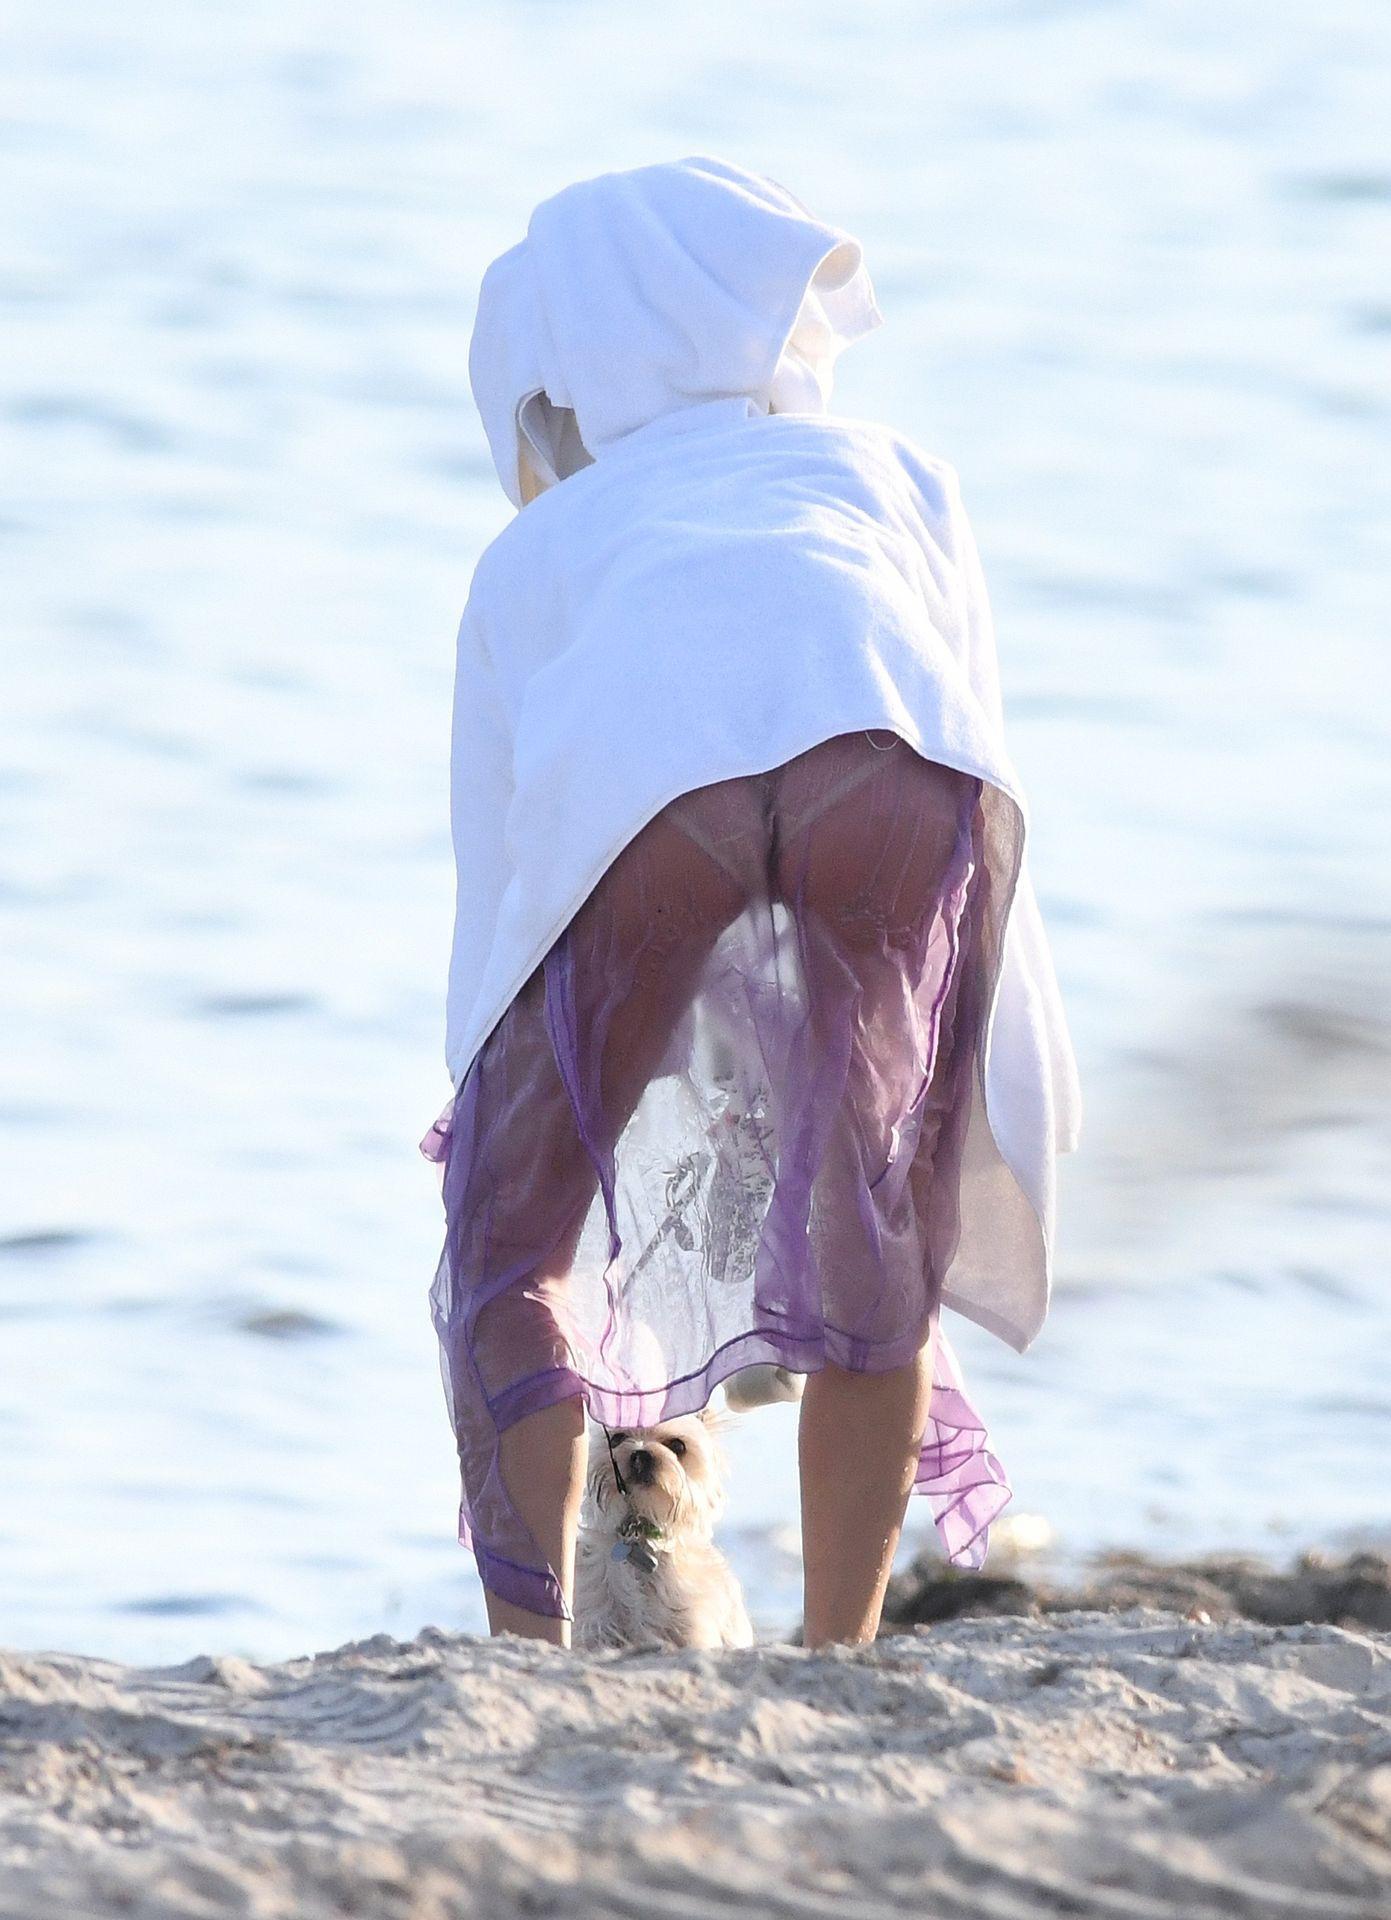 Hailey Baldwin Sexy Bikini Photoshoot